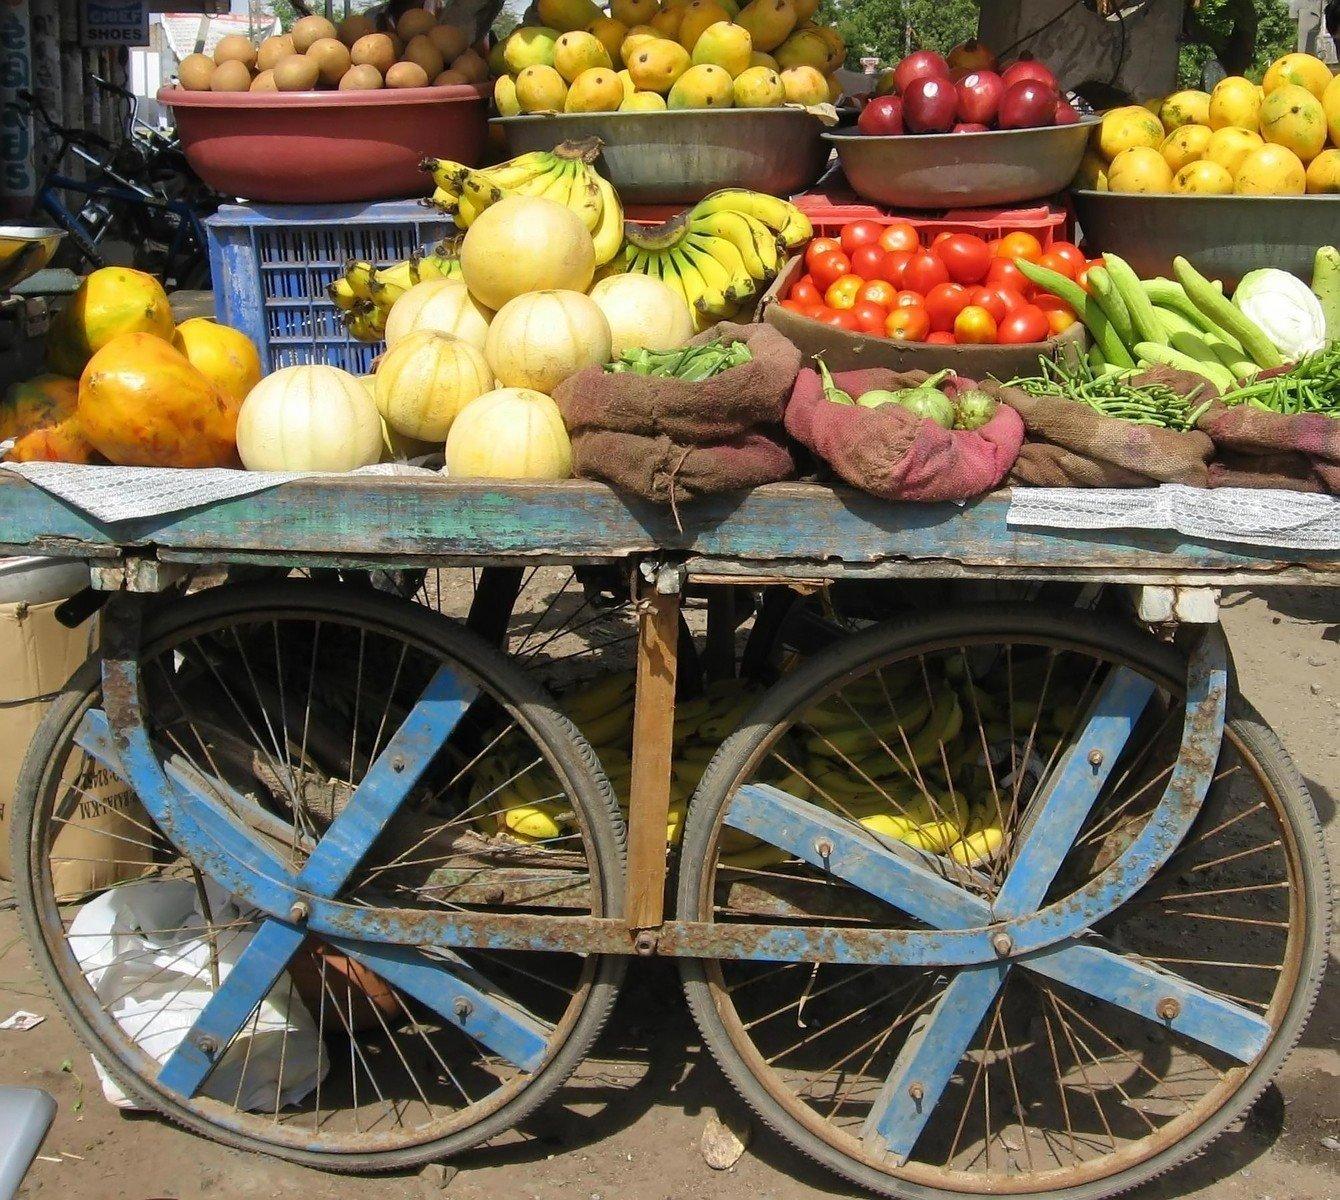 Stock Photo Frutas E Vegetal Carrinho Grátis Freeimages Com